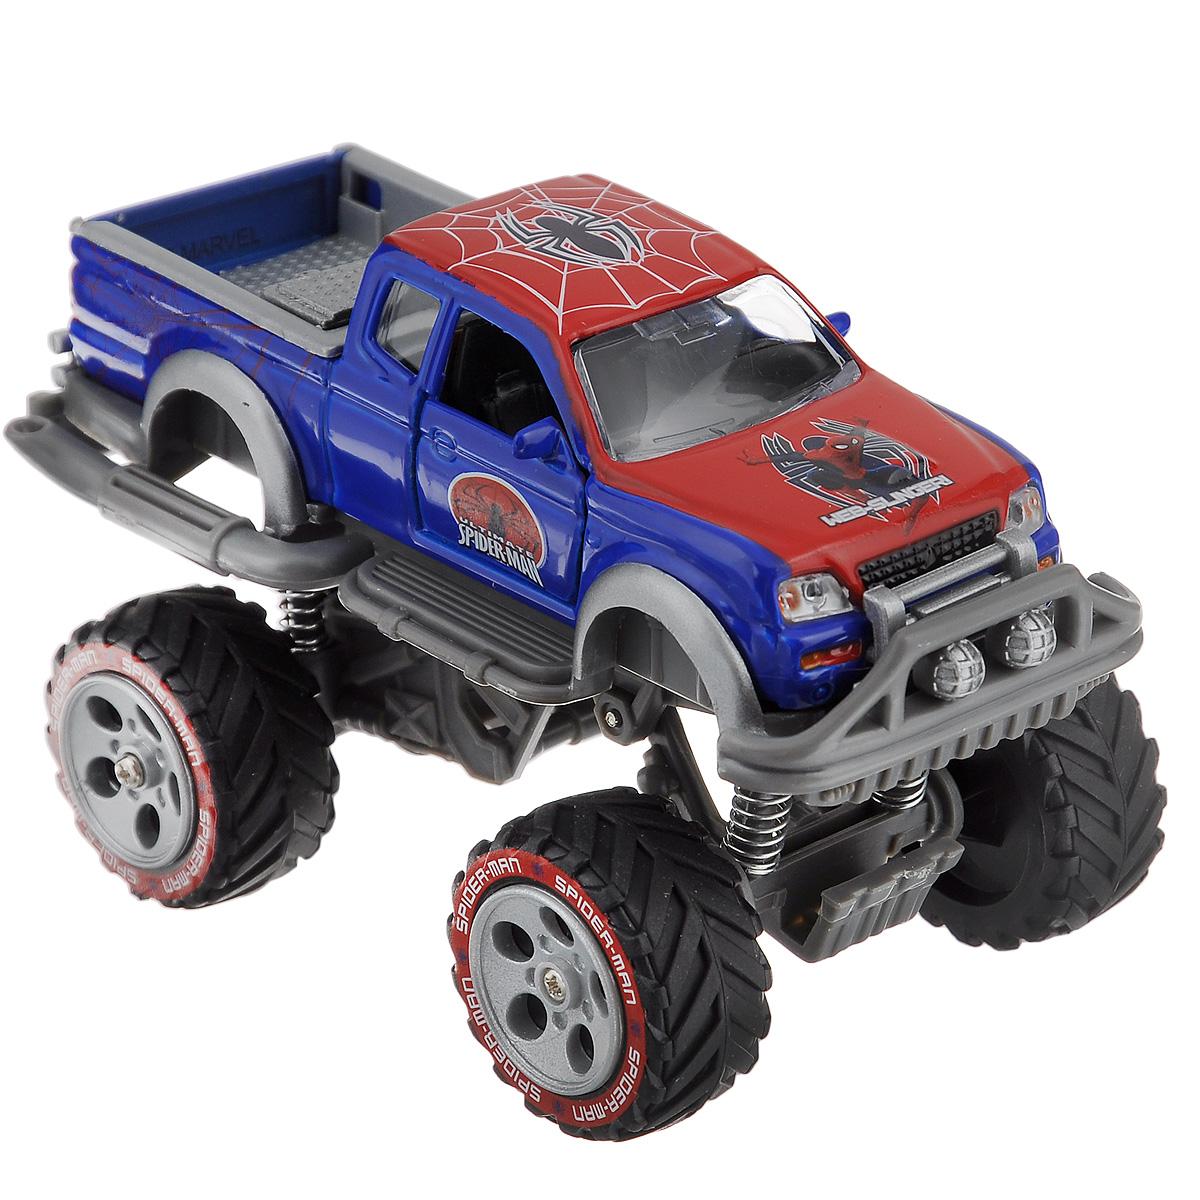 Spider-Man Джип инерционный Великий Человек-ПаукSB-14-03-3Инерционная машинка Spider-Man Великий Человек-Паук привлечет внимание вашего ребенка и не позволит ему скучать. Она выполнена из металла с элементами из пластика и оформлена в стиле Человека-Паука. Двери открываются. У машинки большие колеса и высокая посадка, как у джипа. Шины из плотной резины обеспечивают хорошее сцепление с любой поверхностью пола. Машинка оснащена инерционным механизмом: стоит откатить машинку назад, слегка нажав на крышу, затем отпустить, и она молниеносно поедет вперед. При нажатии на заднюю часть машинки воспроизводятся звуки сирены. С такой машинкой ваш малыш будет играть часами, придумывая различные истории. Порадуйте его таким замечательным подарком! Машинка работает от батареек (товар комплектуется демонстрационными).